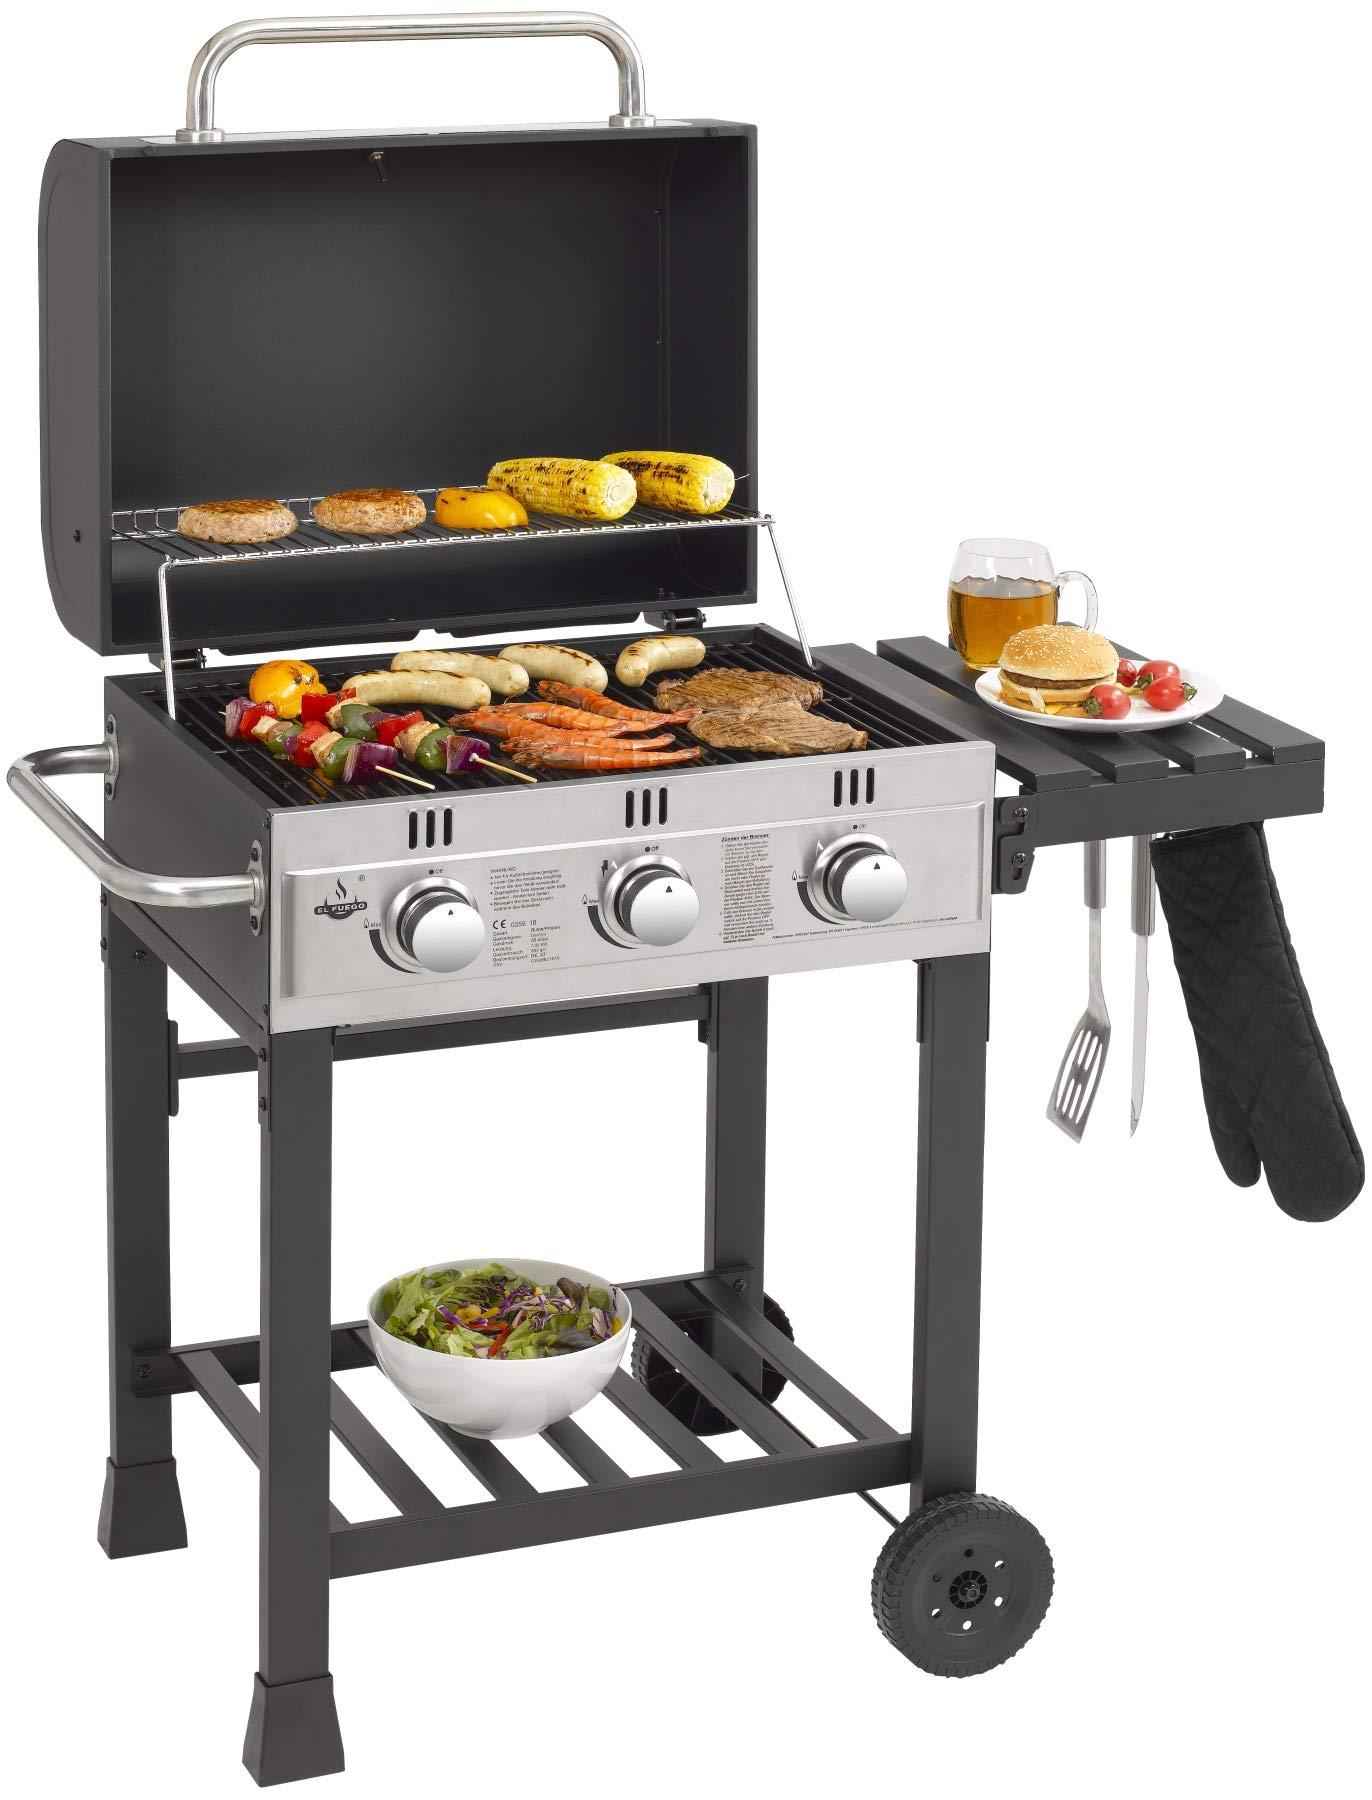 El Fuego Gasgrill Ontario-Gas Grill Grillwagen BBQ AY 539